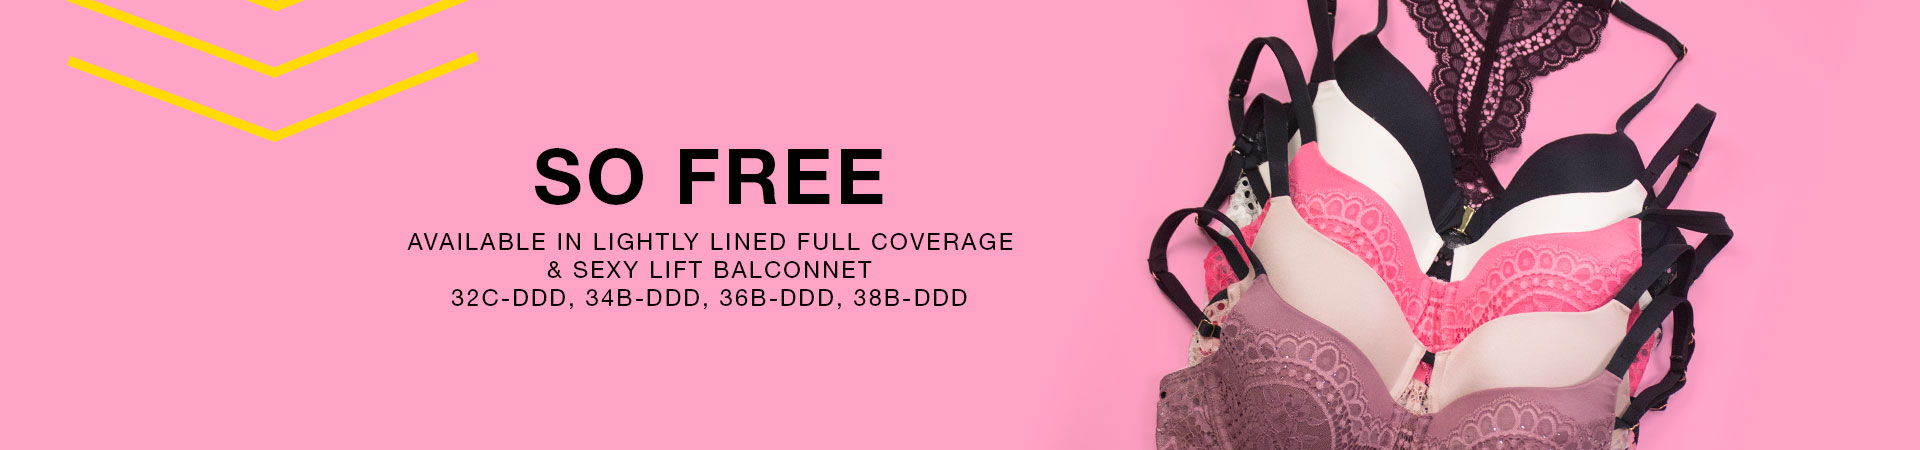 So Free. Available in lightly lined full coverage & sexy lift balconnet. 32C-DDD, 34B-DDD, 36B-DDD, 38B-DDD.